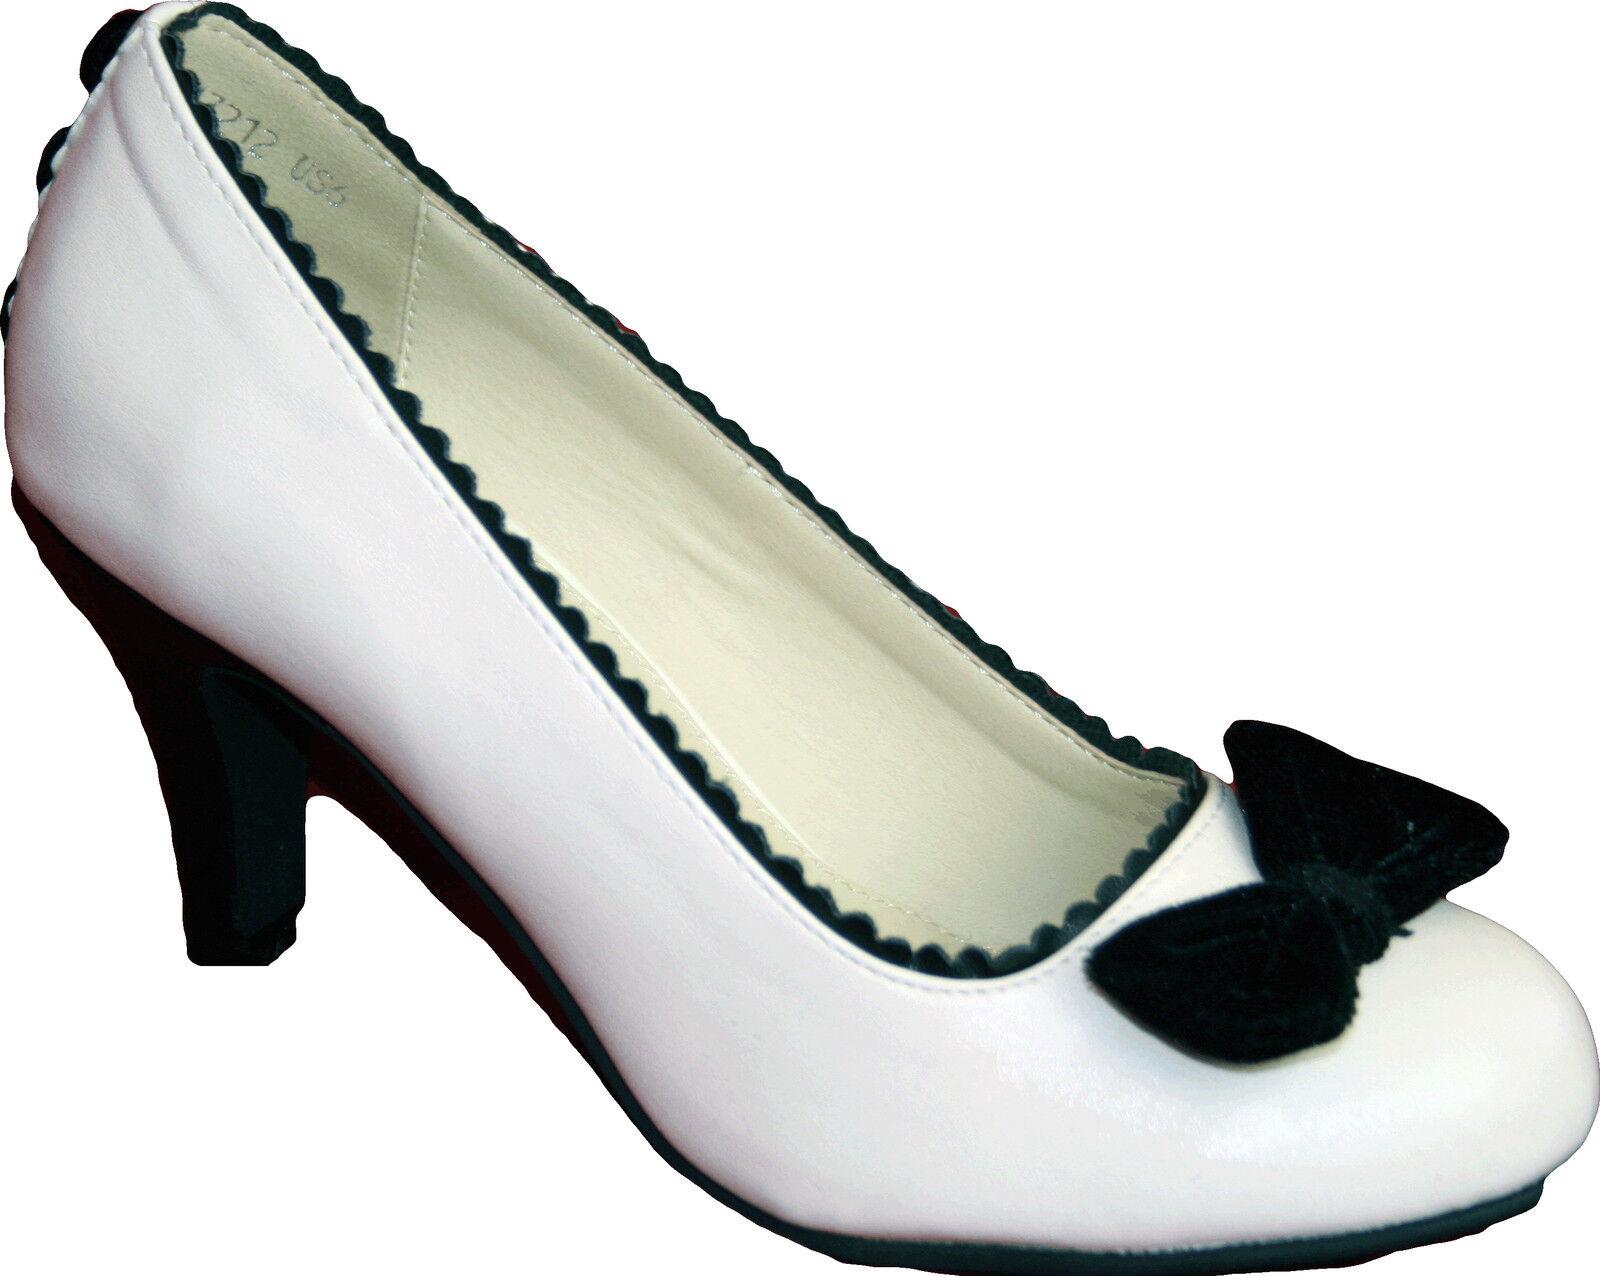 T.U.K. schuhe Tuk Schuhe Antipop Heels Pumps Cream Scallop Buttons 37-41 Neuware